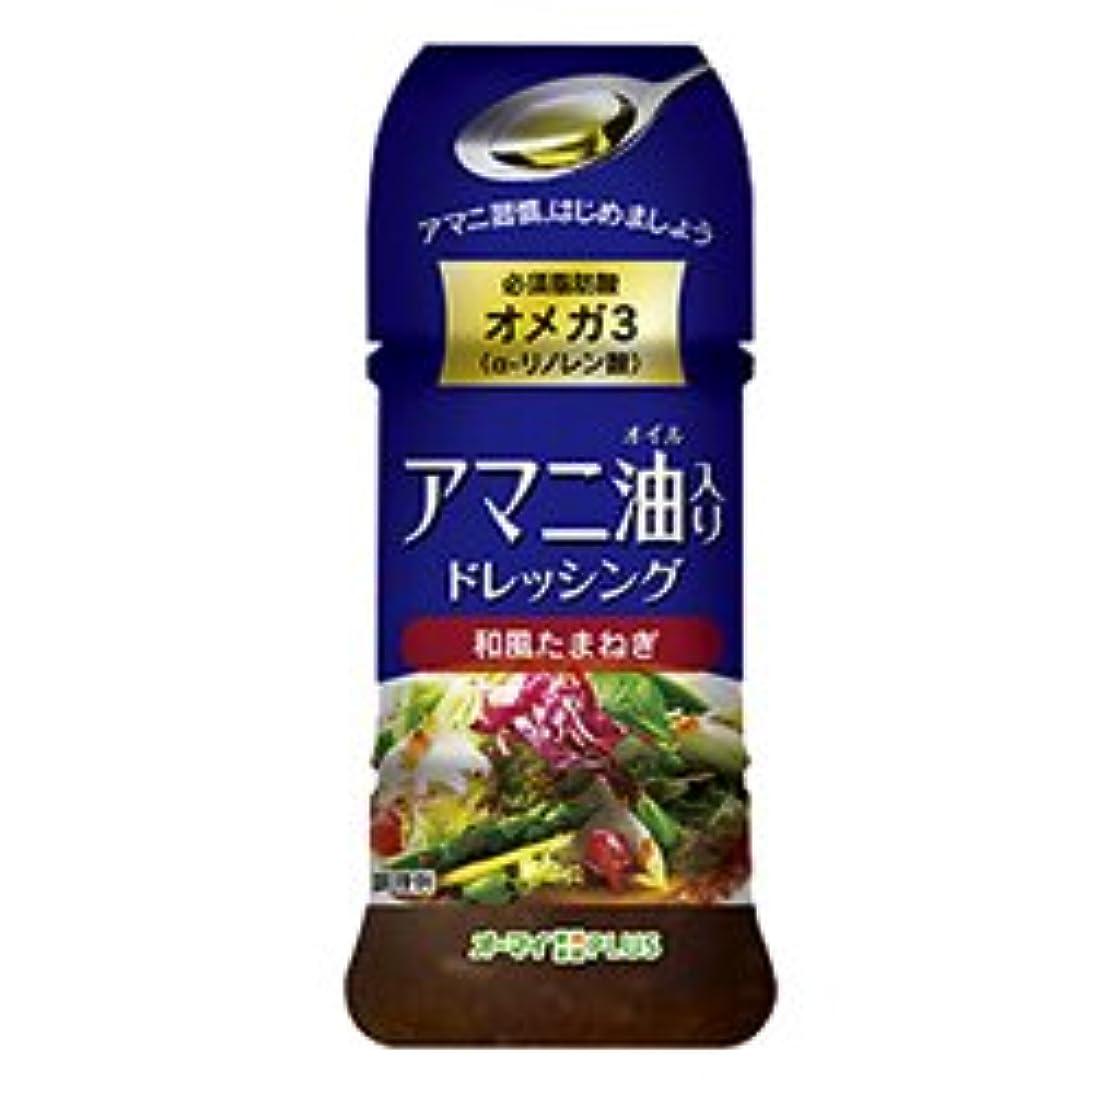 間欠繁雑地獄アマニ油ドレッシング 和風たまねぎ【5本セット】日本製粉